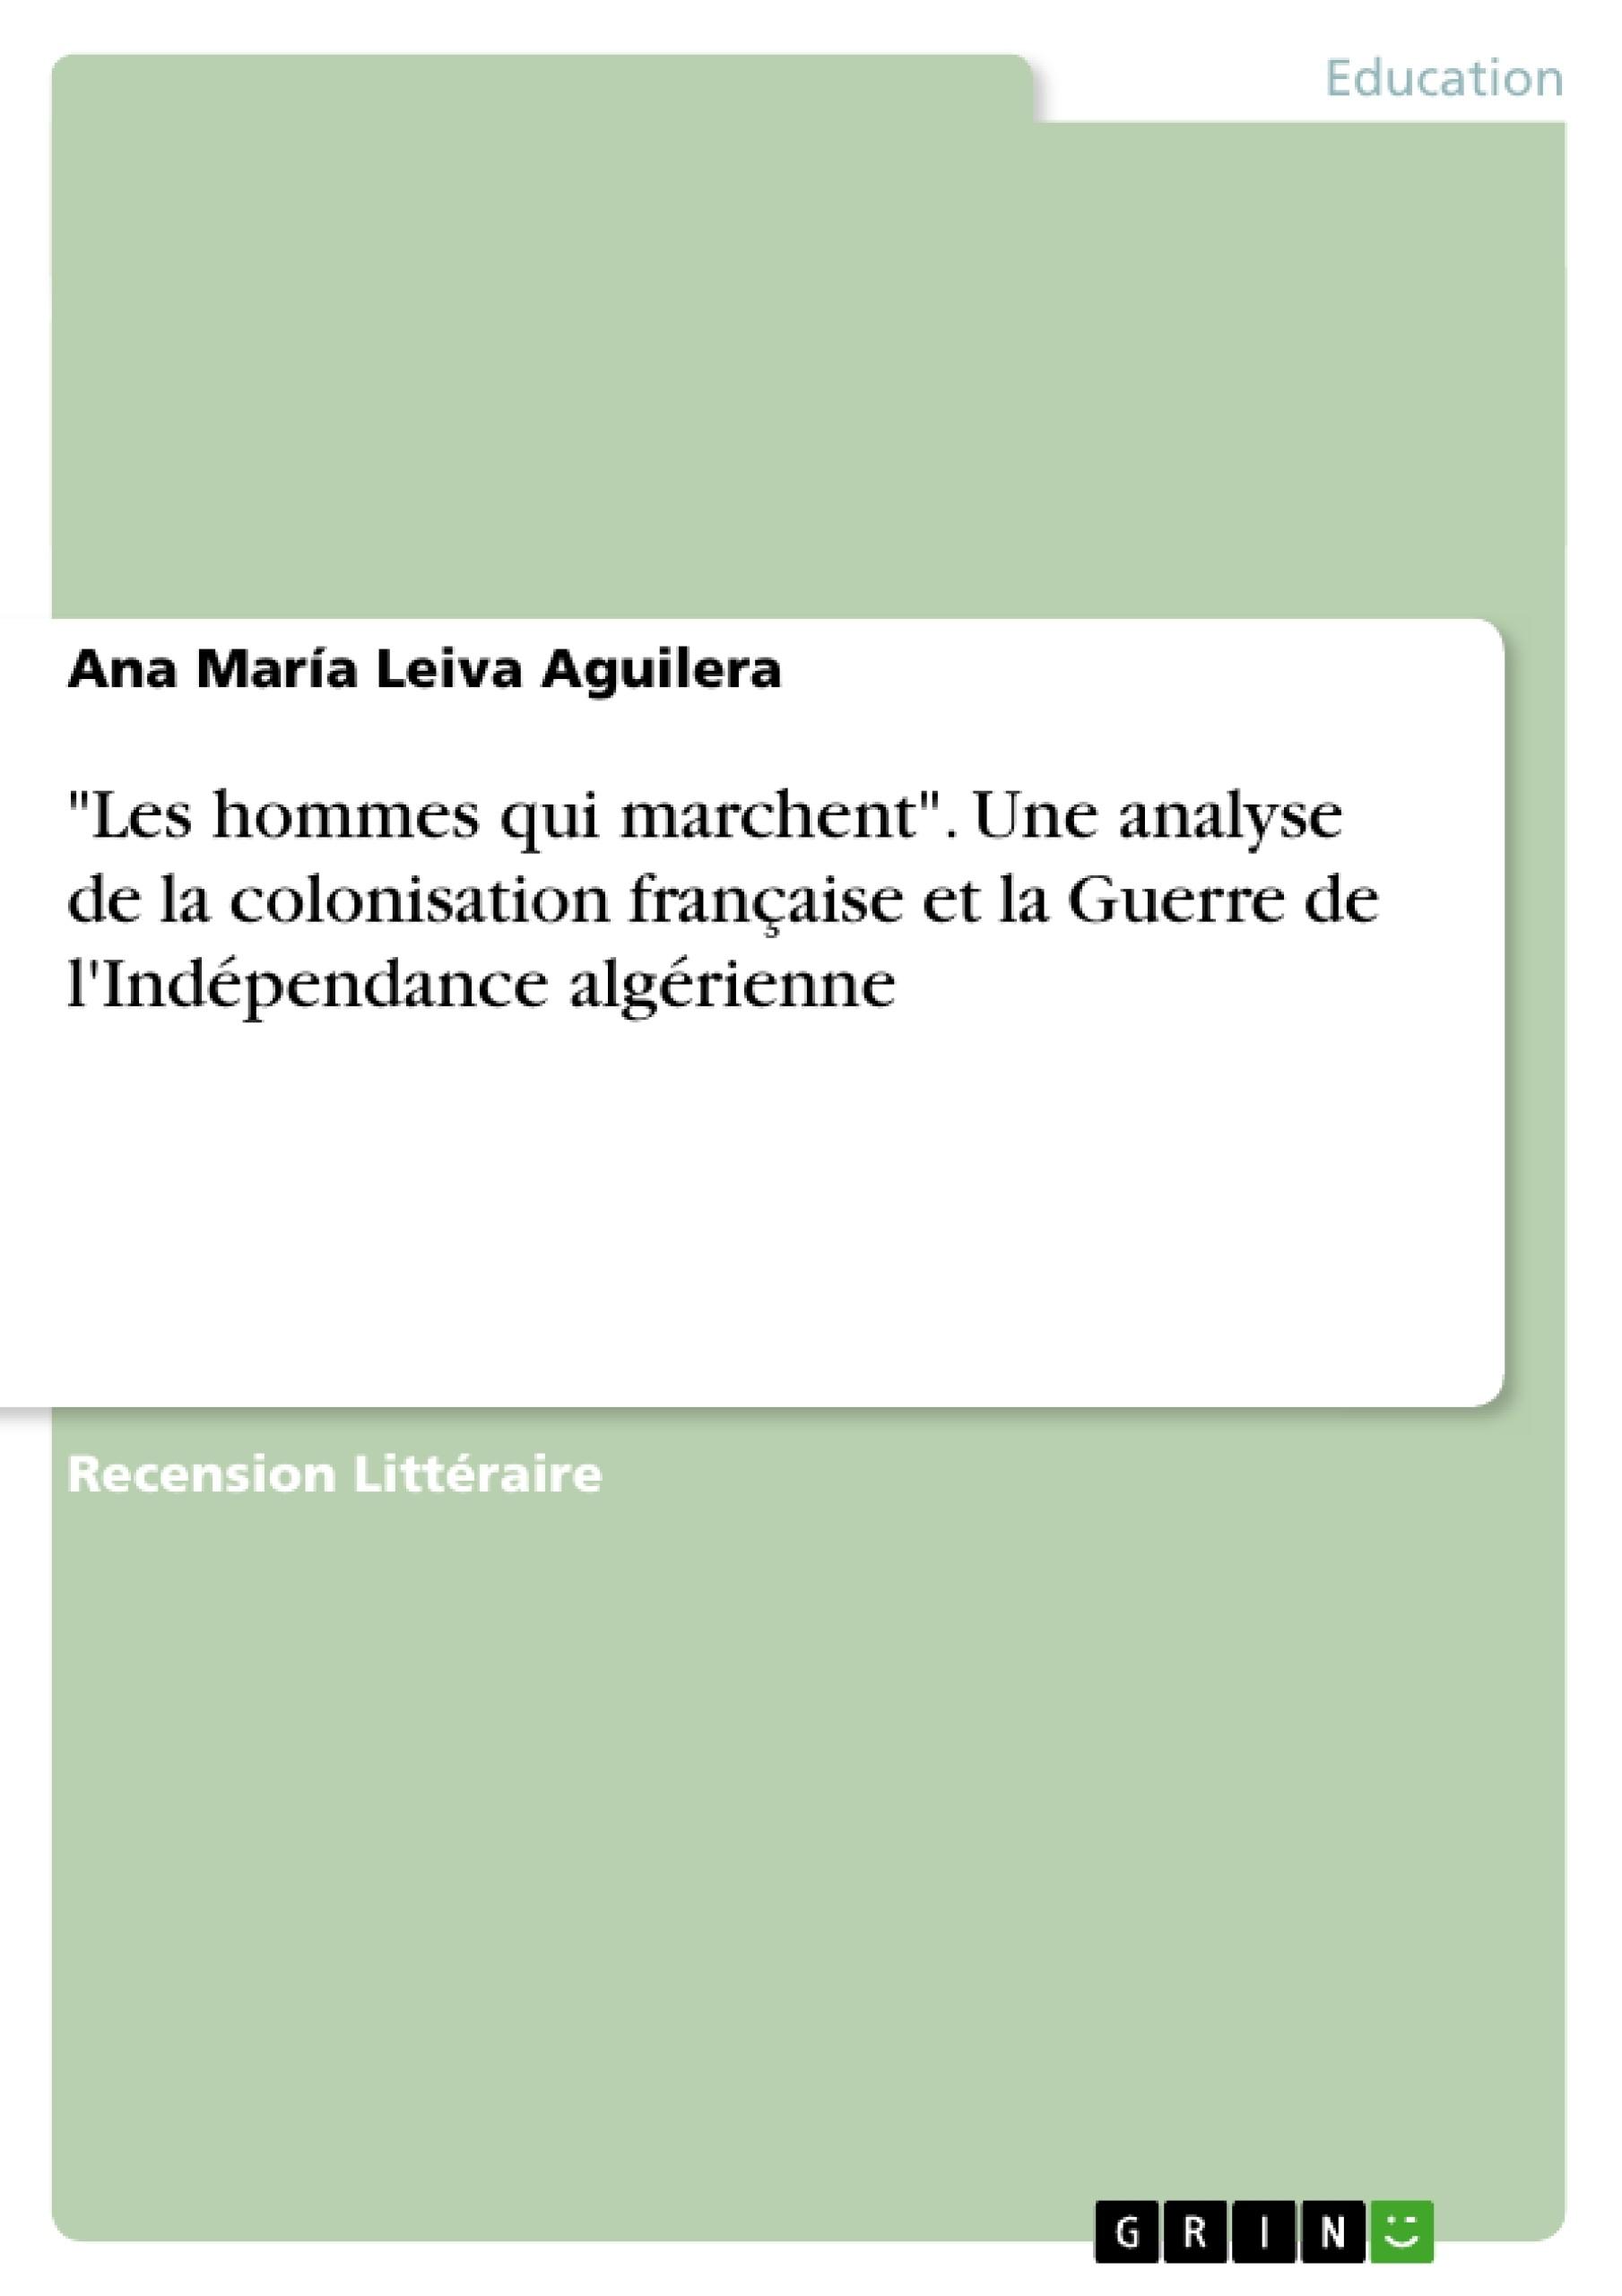 """Titre: """"Les hommes qui marchent"""". Une analyse de la colonisation française et  la Guerre de l'Indépendance algérienne"""